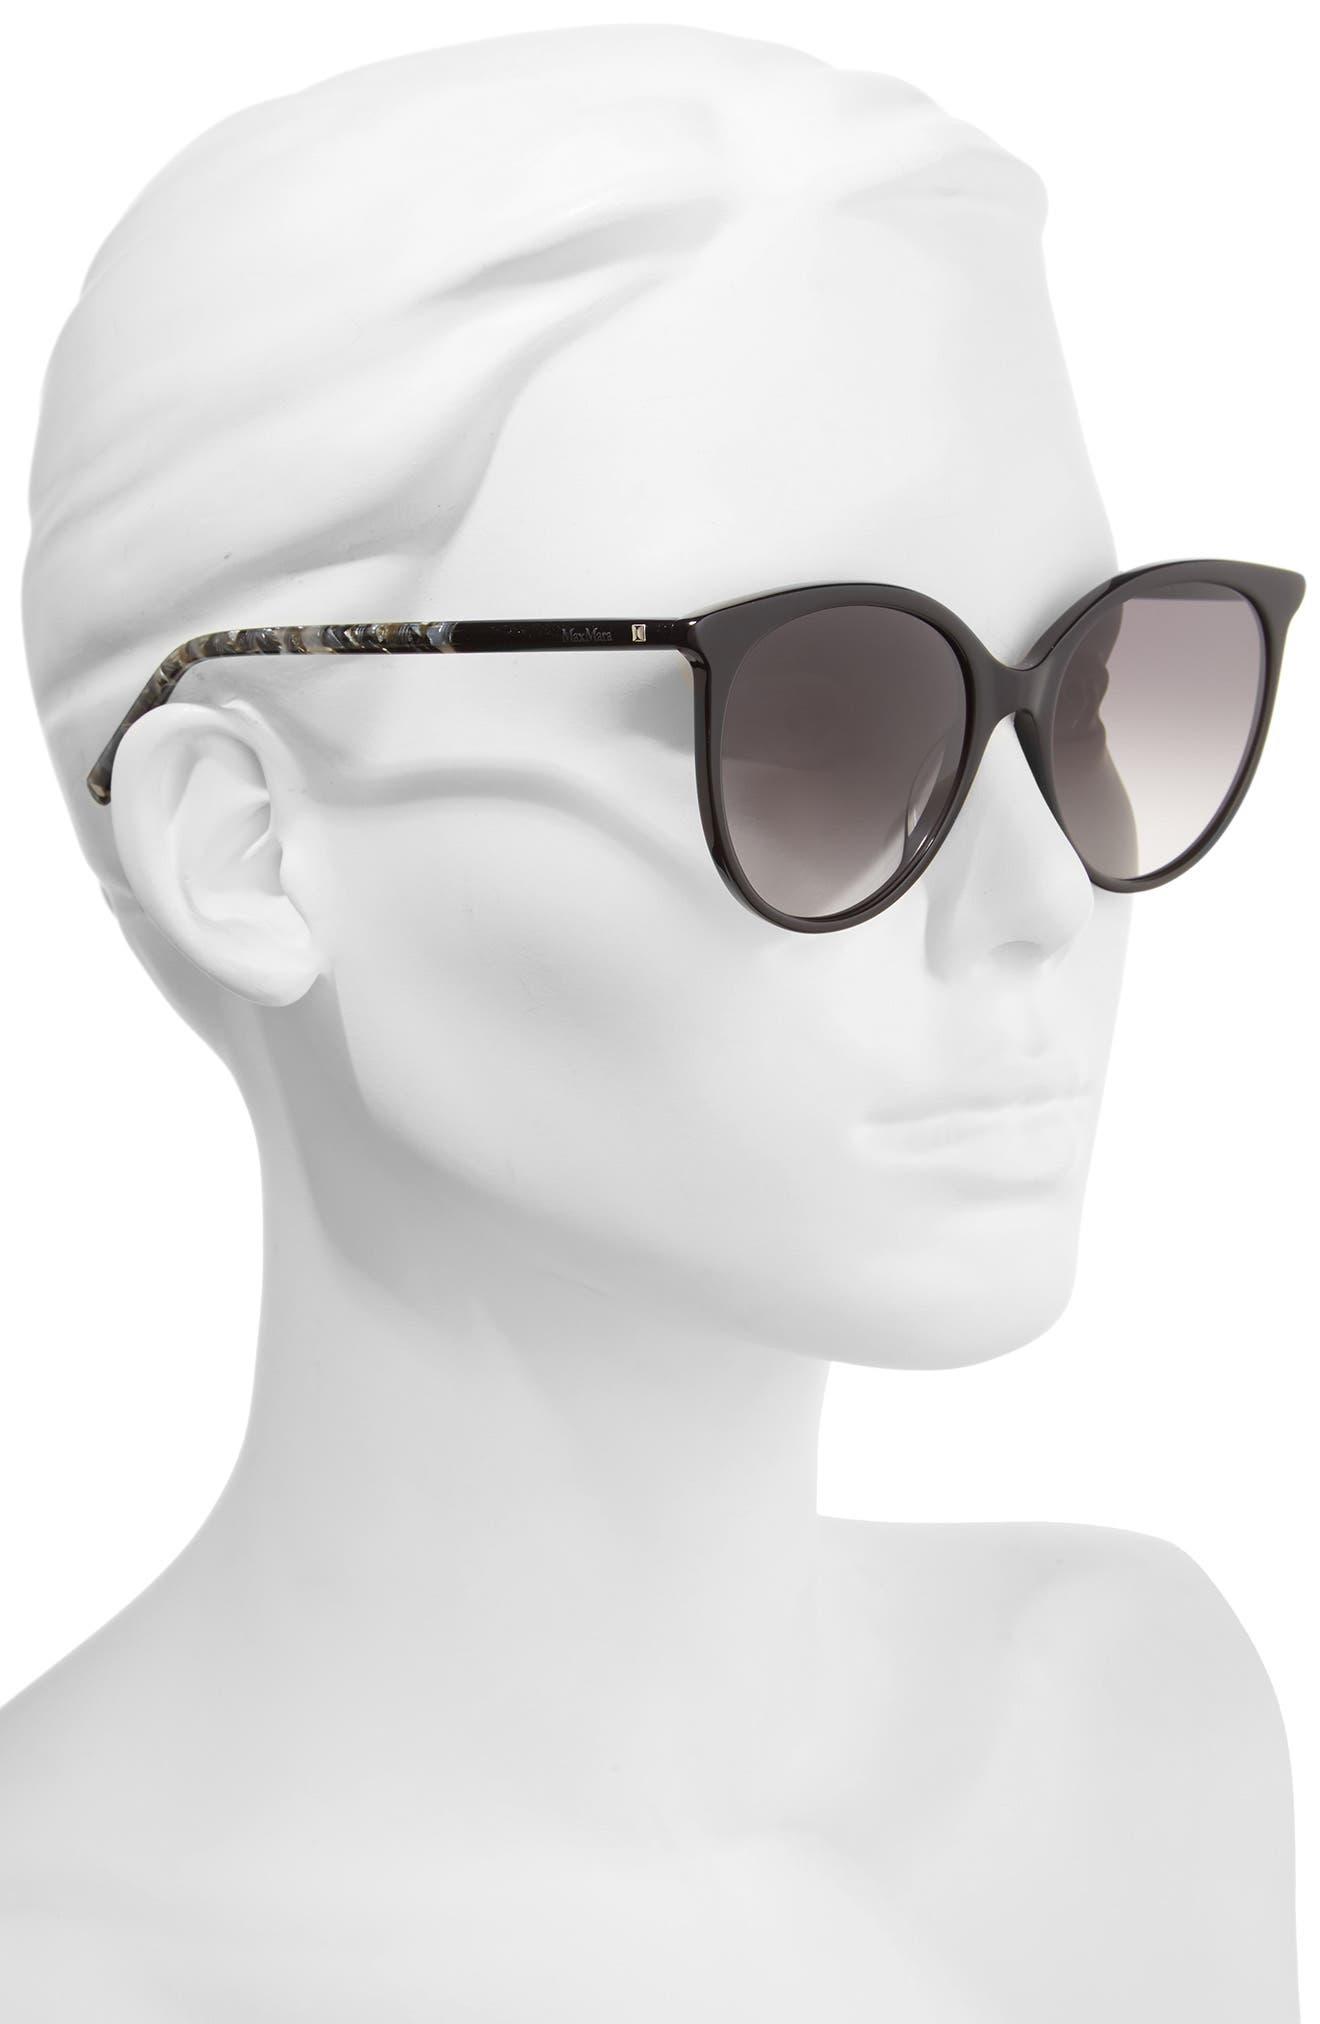 Tube 54mm Gradient Lens Cat Eye Sunglasses,                             Alternate thumbnail 2, color,                             BLACK/ GREY